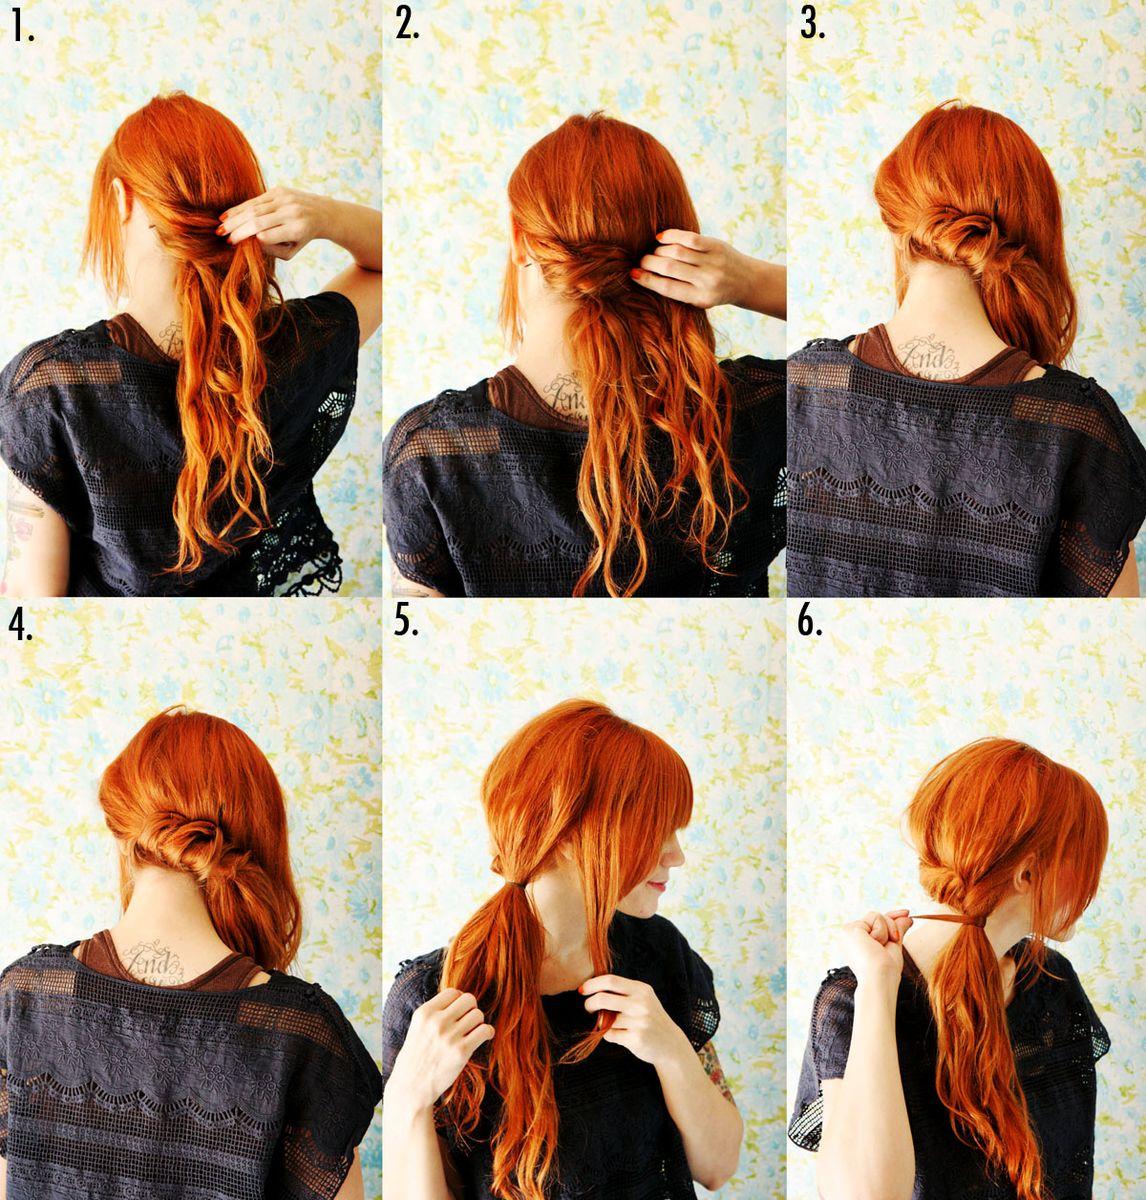 chica con el cabello color rojo hacindose una colita de lado